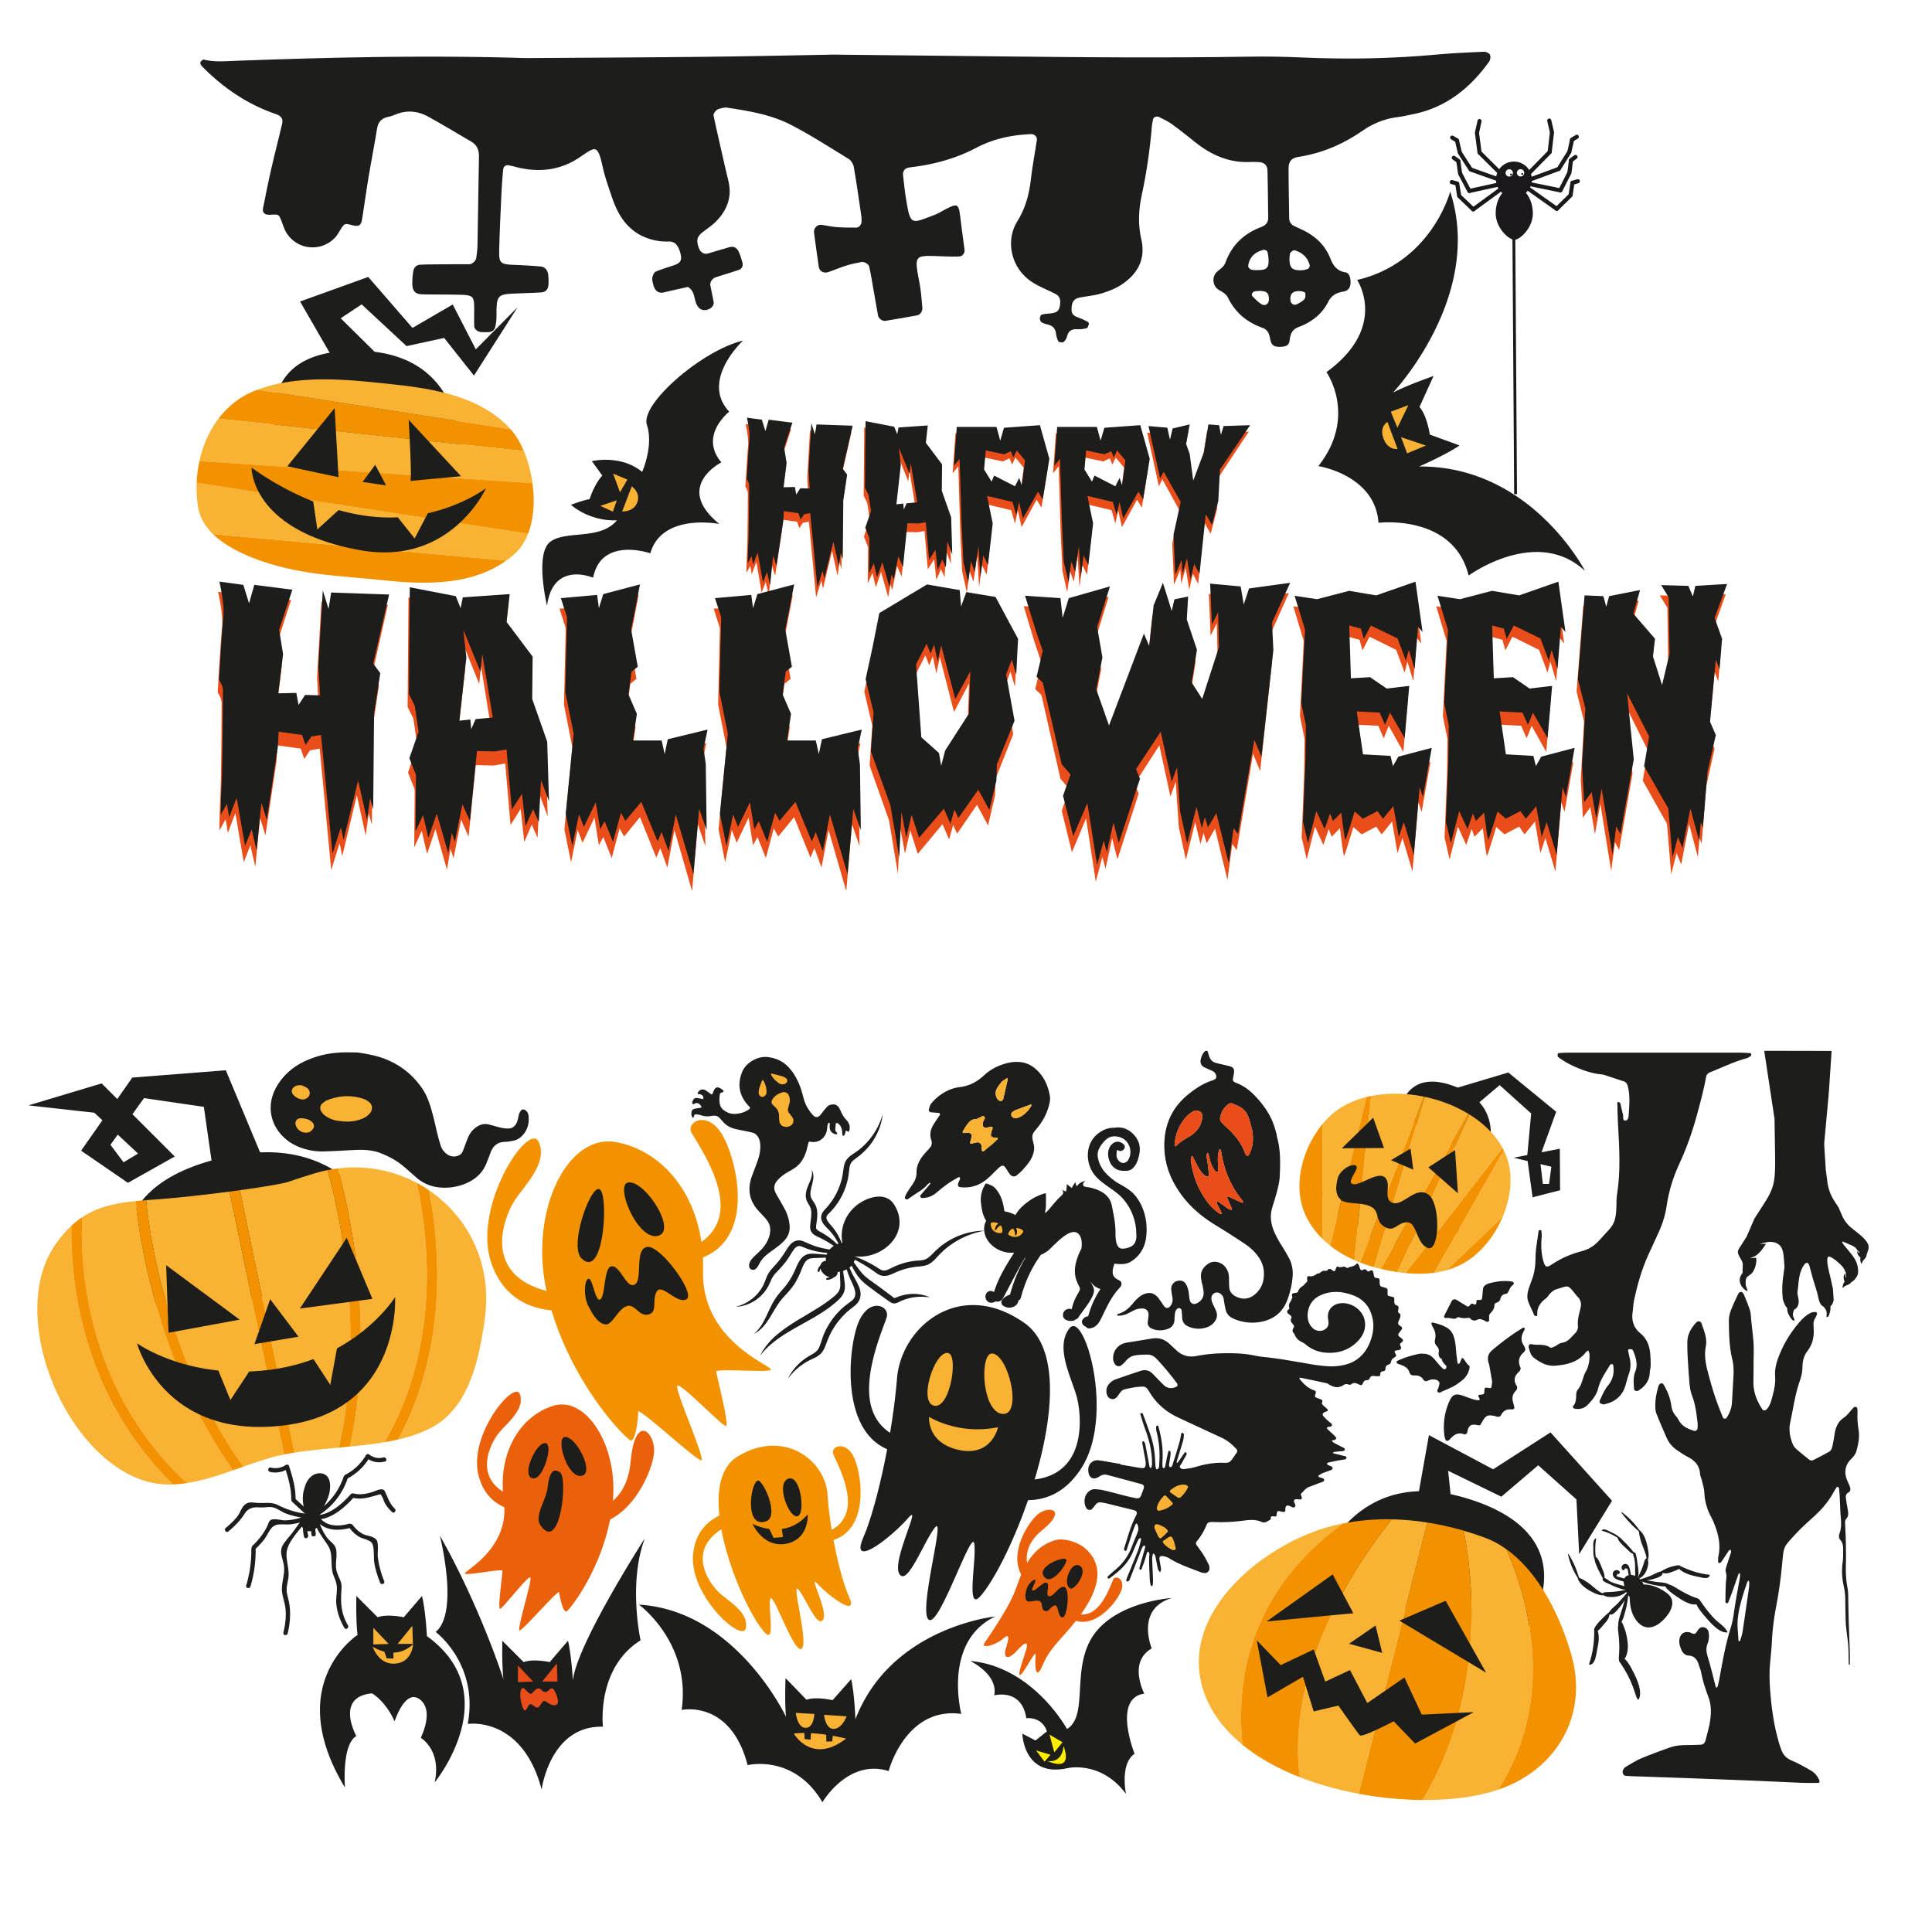 Aufkleber Halloween Set Groß für Fenster Schaufenster Dekoration Gruselig Kürbis Spinne Fledermaus Gespenst